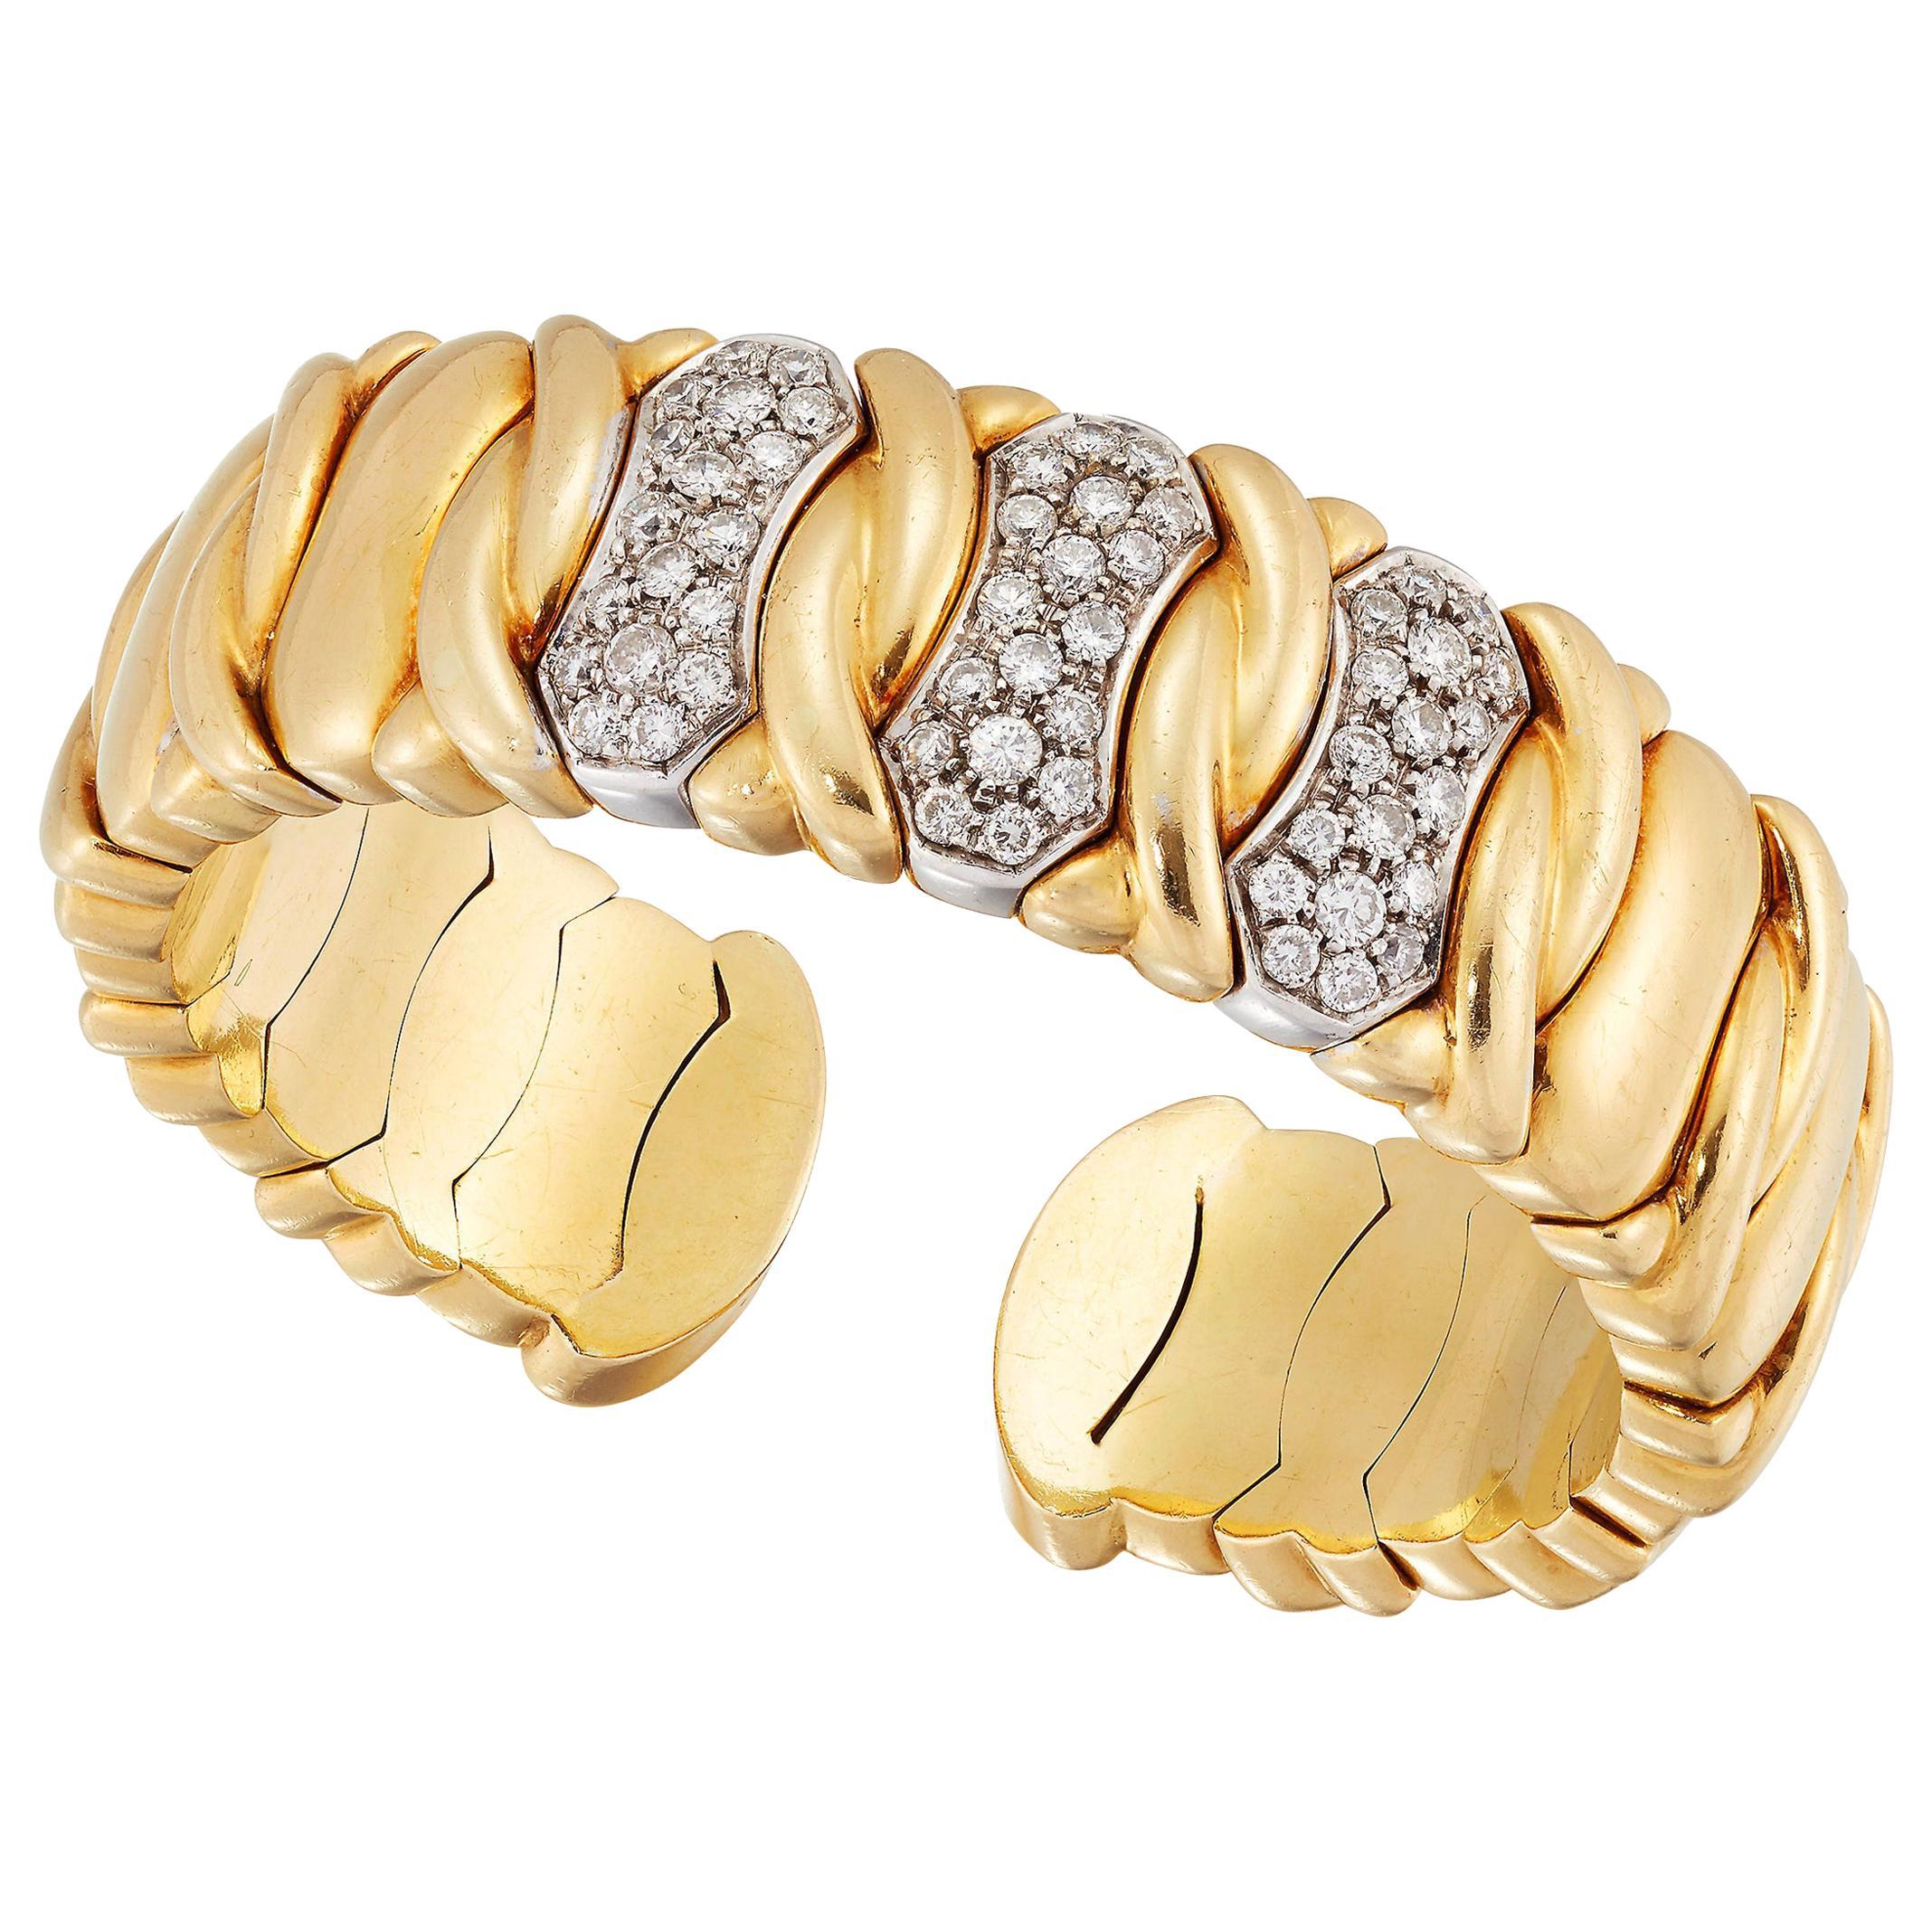 Gold and Diamond Cuff Bangle, 18 Karat Yellow Gold